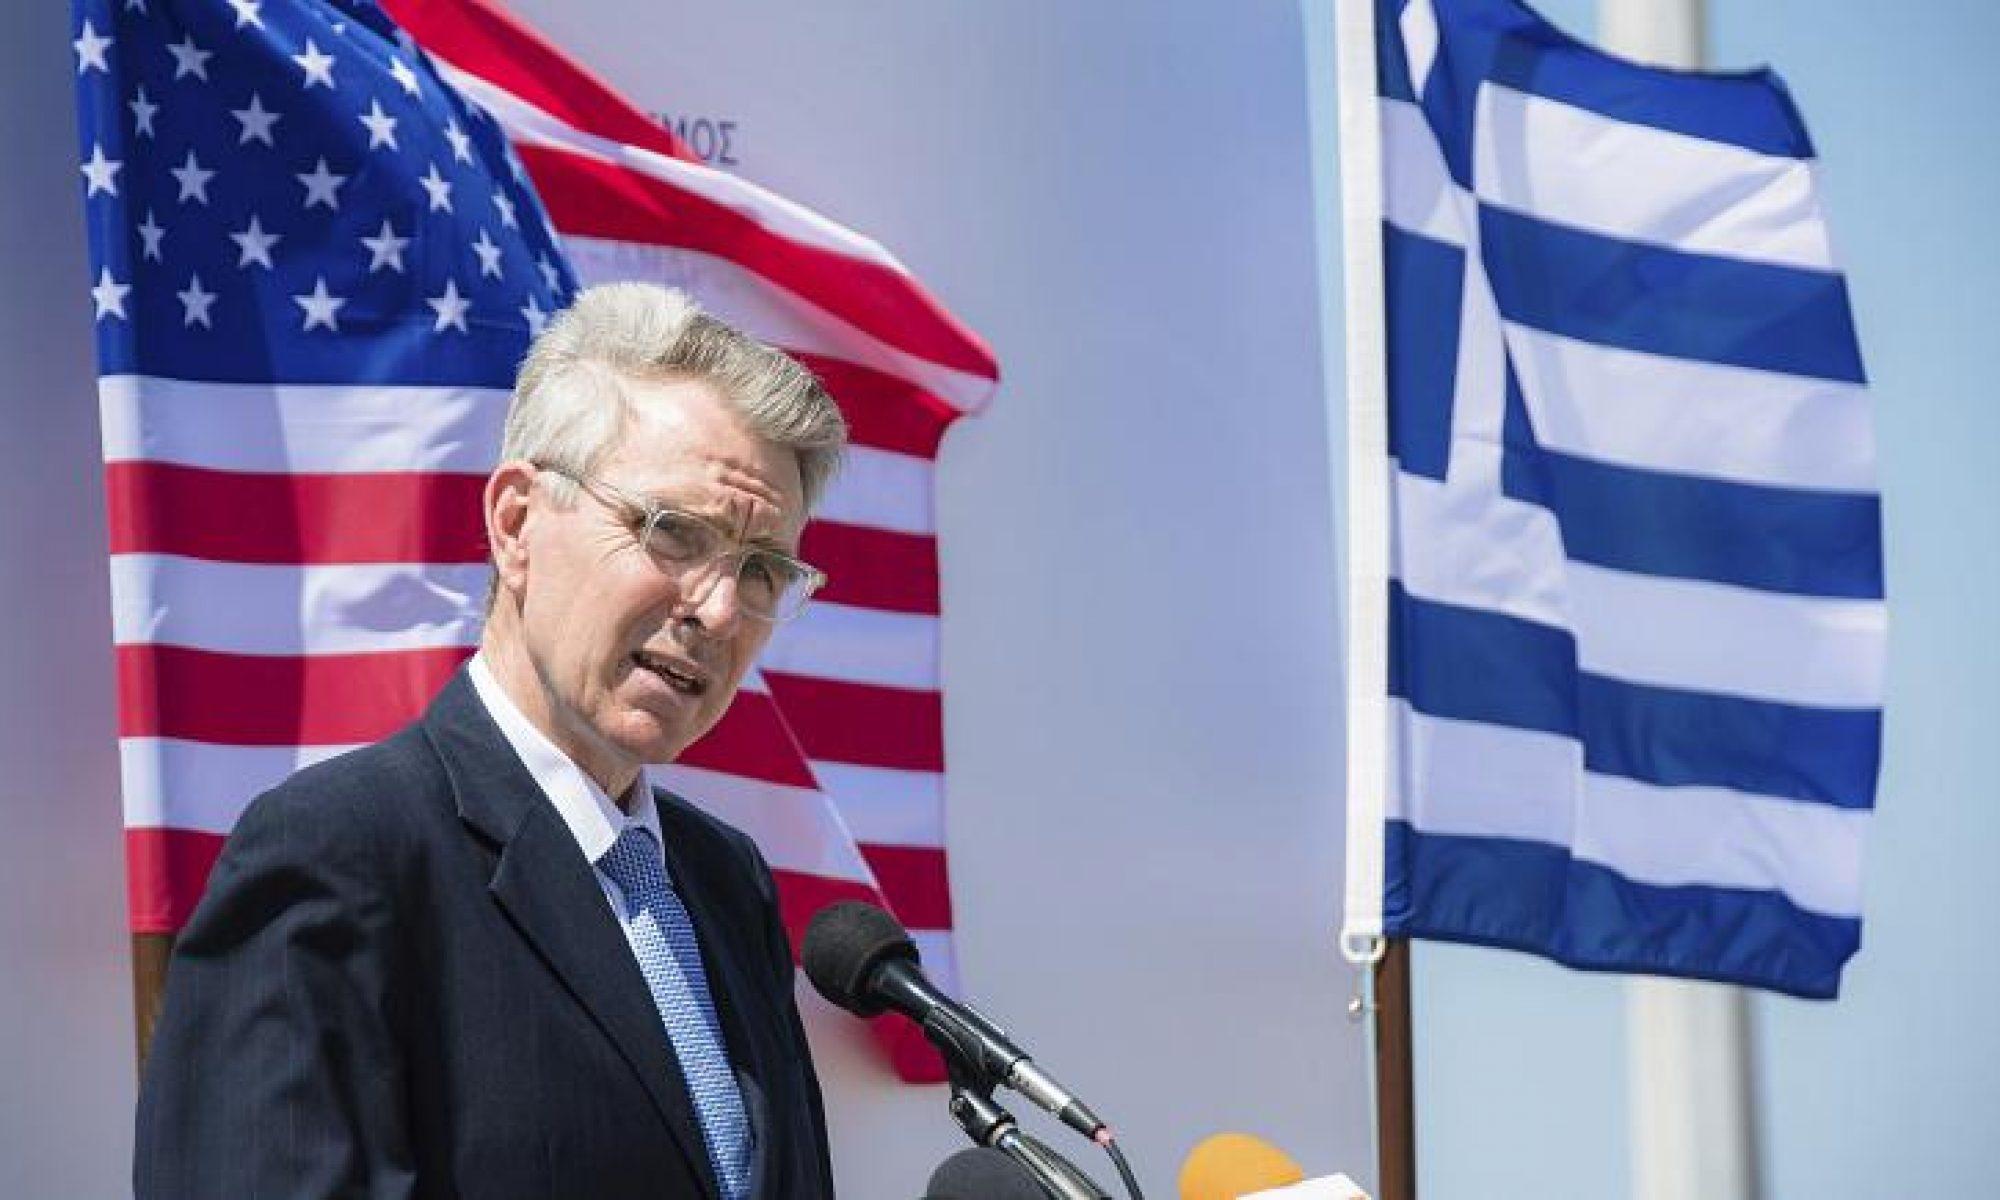 ABD'den Yunanistan'ın F-35 savaş uçağı almasına övgü